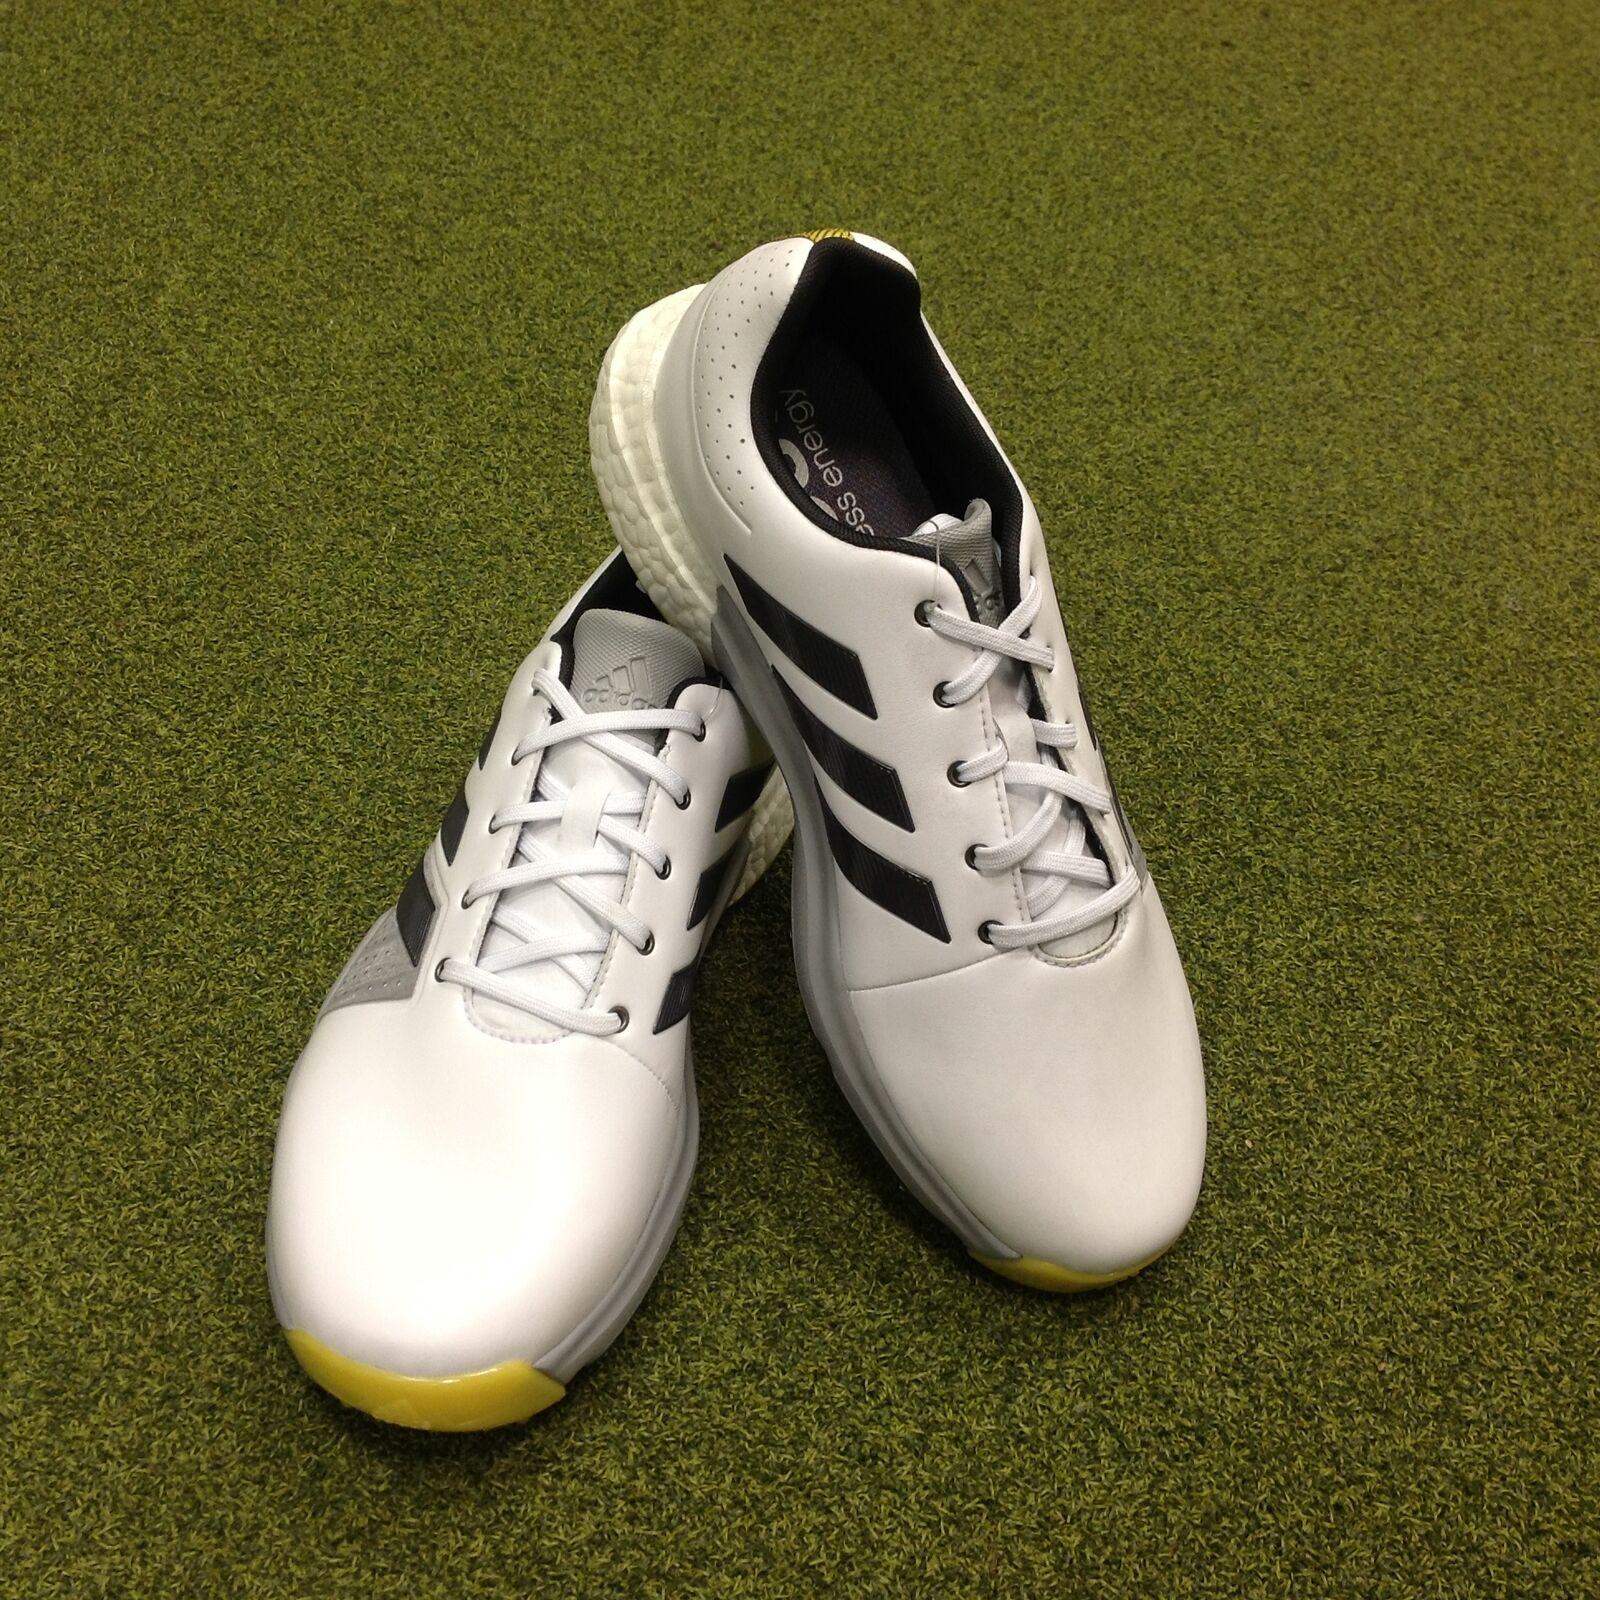 Nouveau - Adidas Adipower Boost 3 Chaussures De Golf-Taille (Large) - Nouveau US 9-/3 06d289